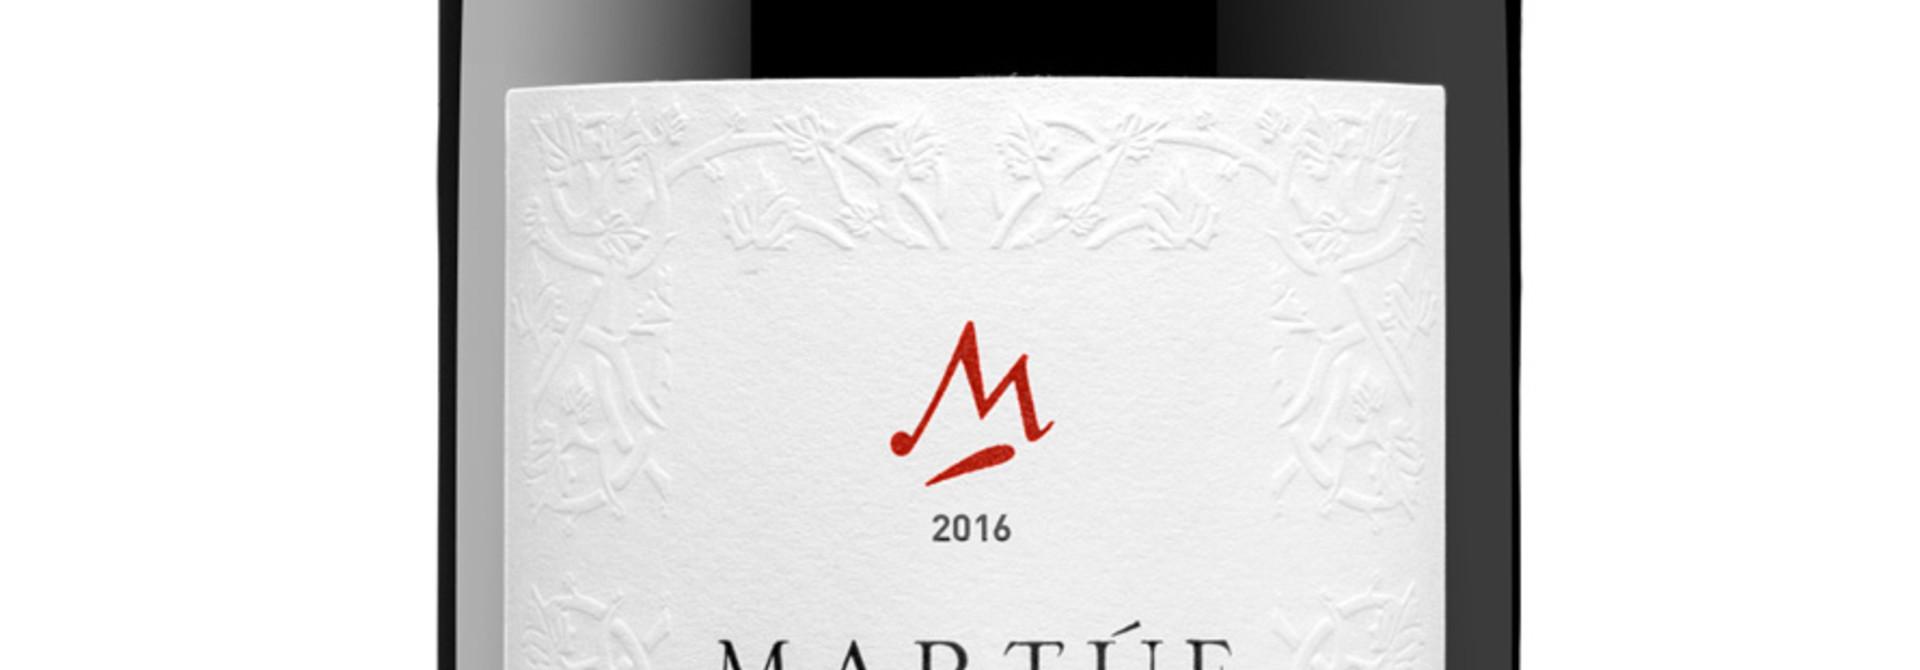 Martue Tinto Magnum 2017